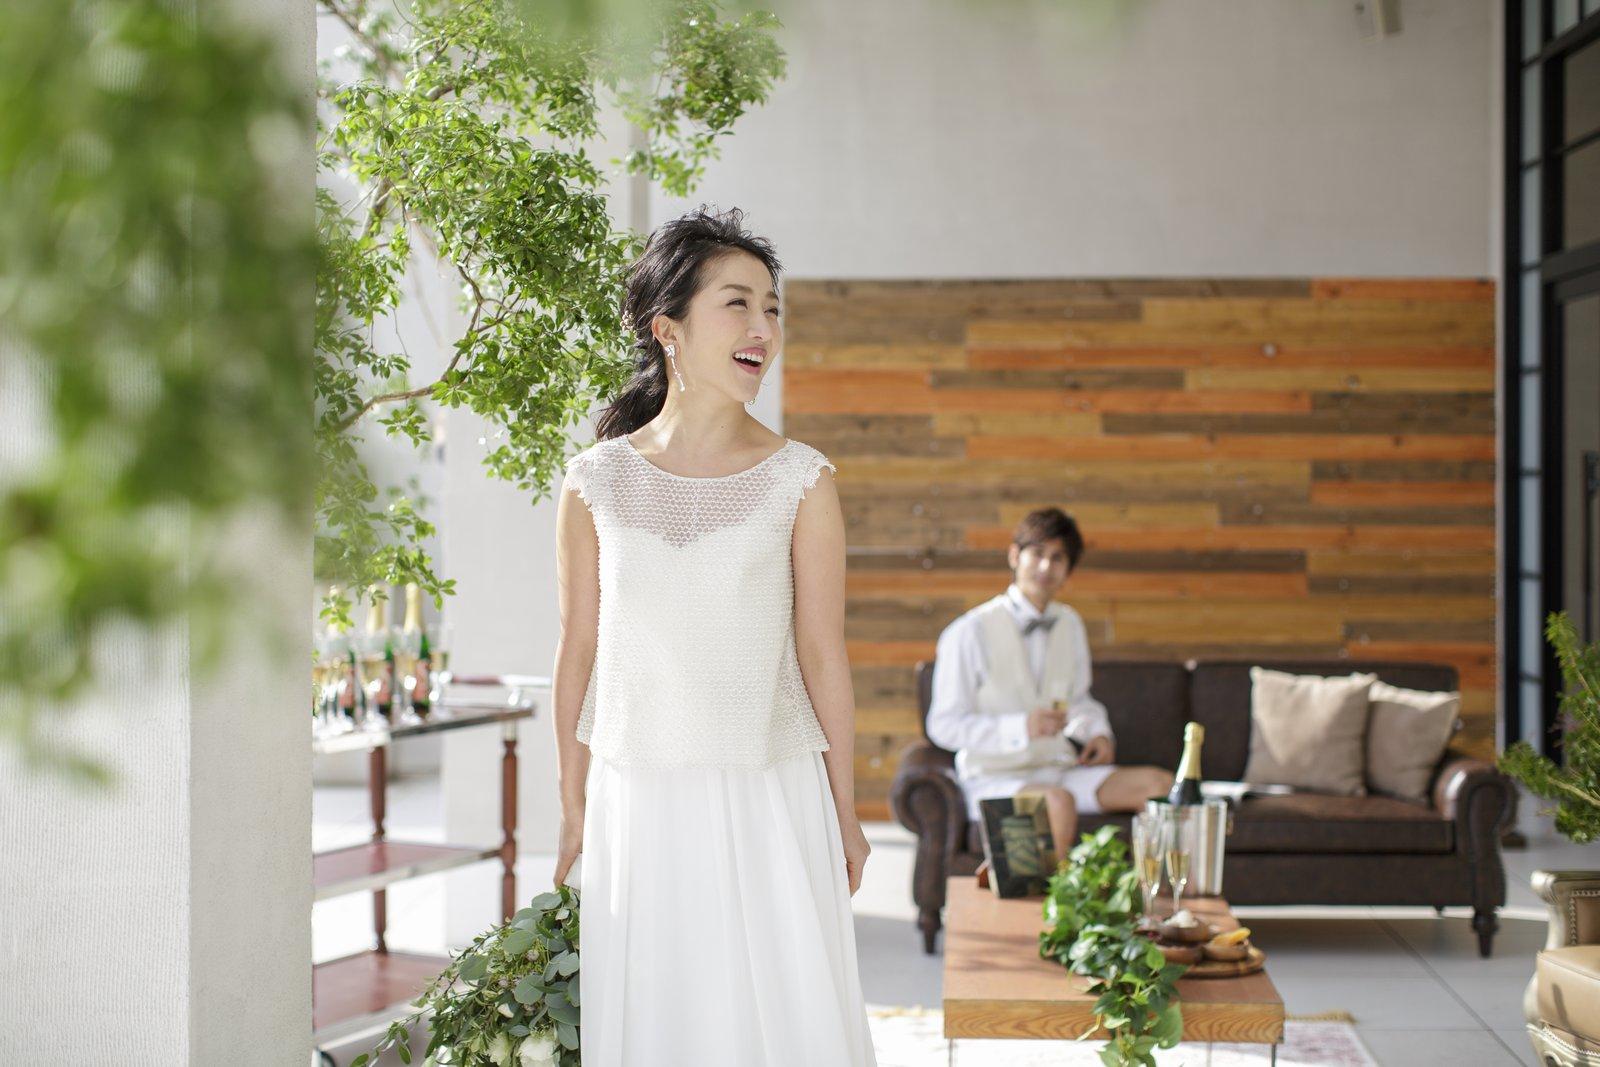 香川県の結婚式場アイスタイルのテラスイメージ